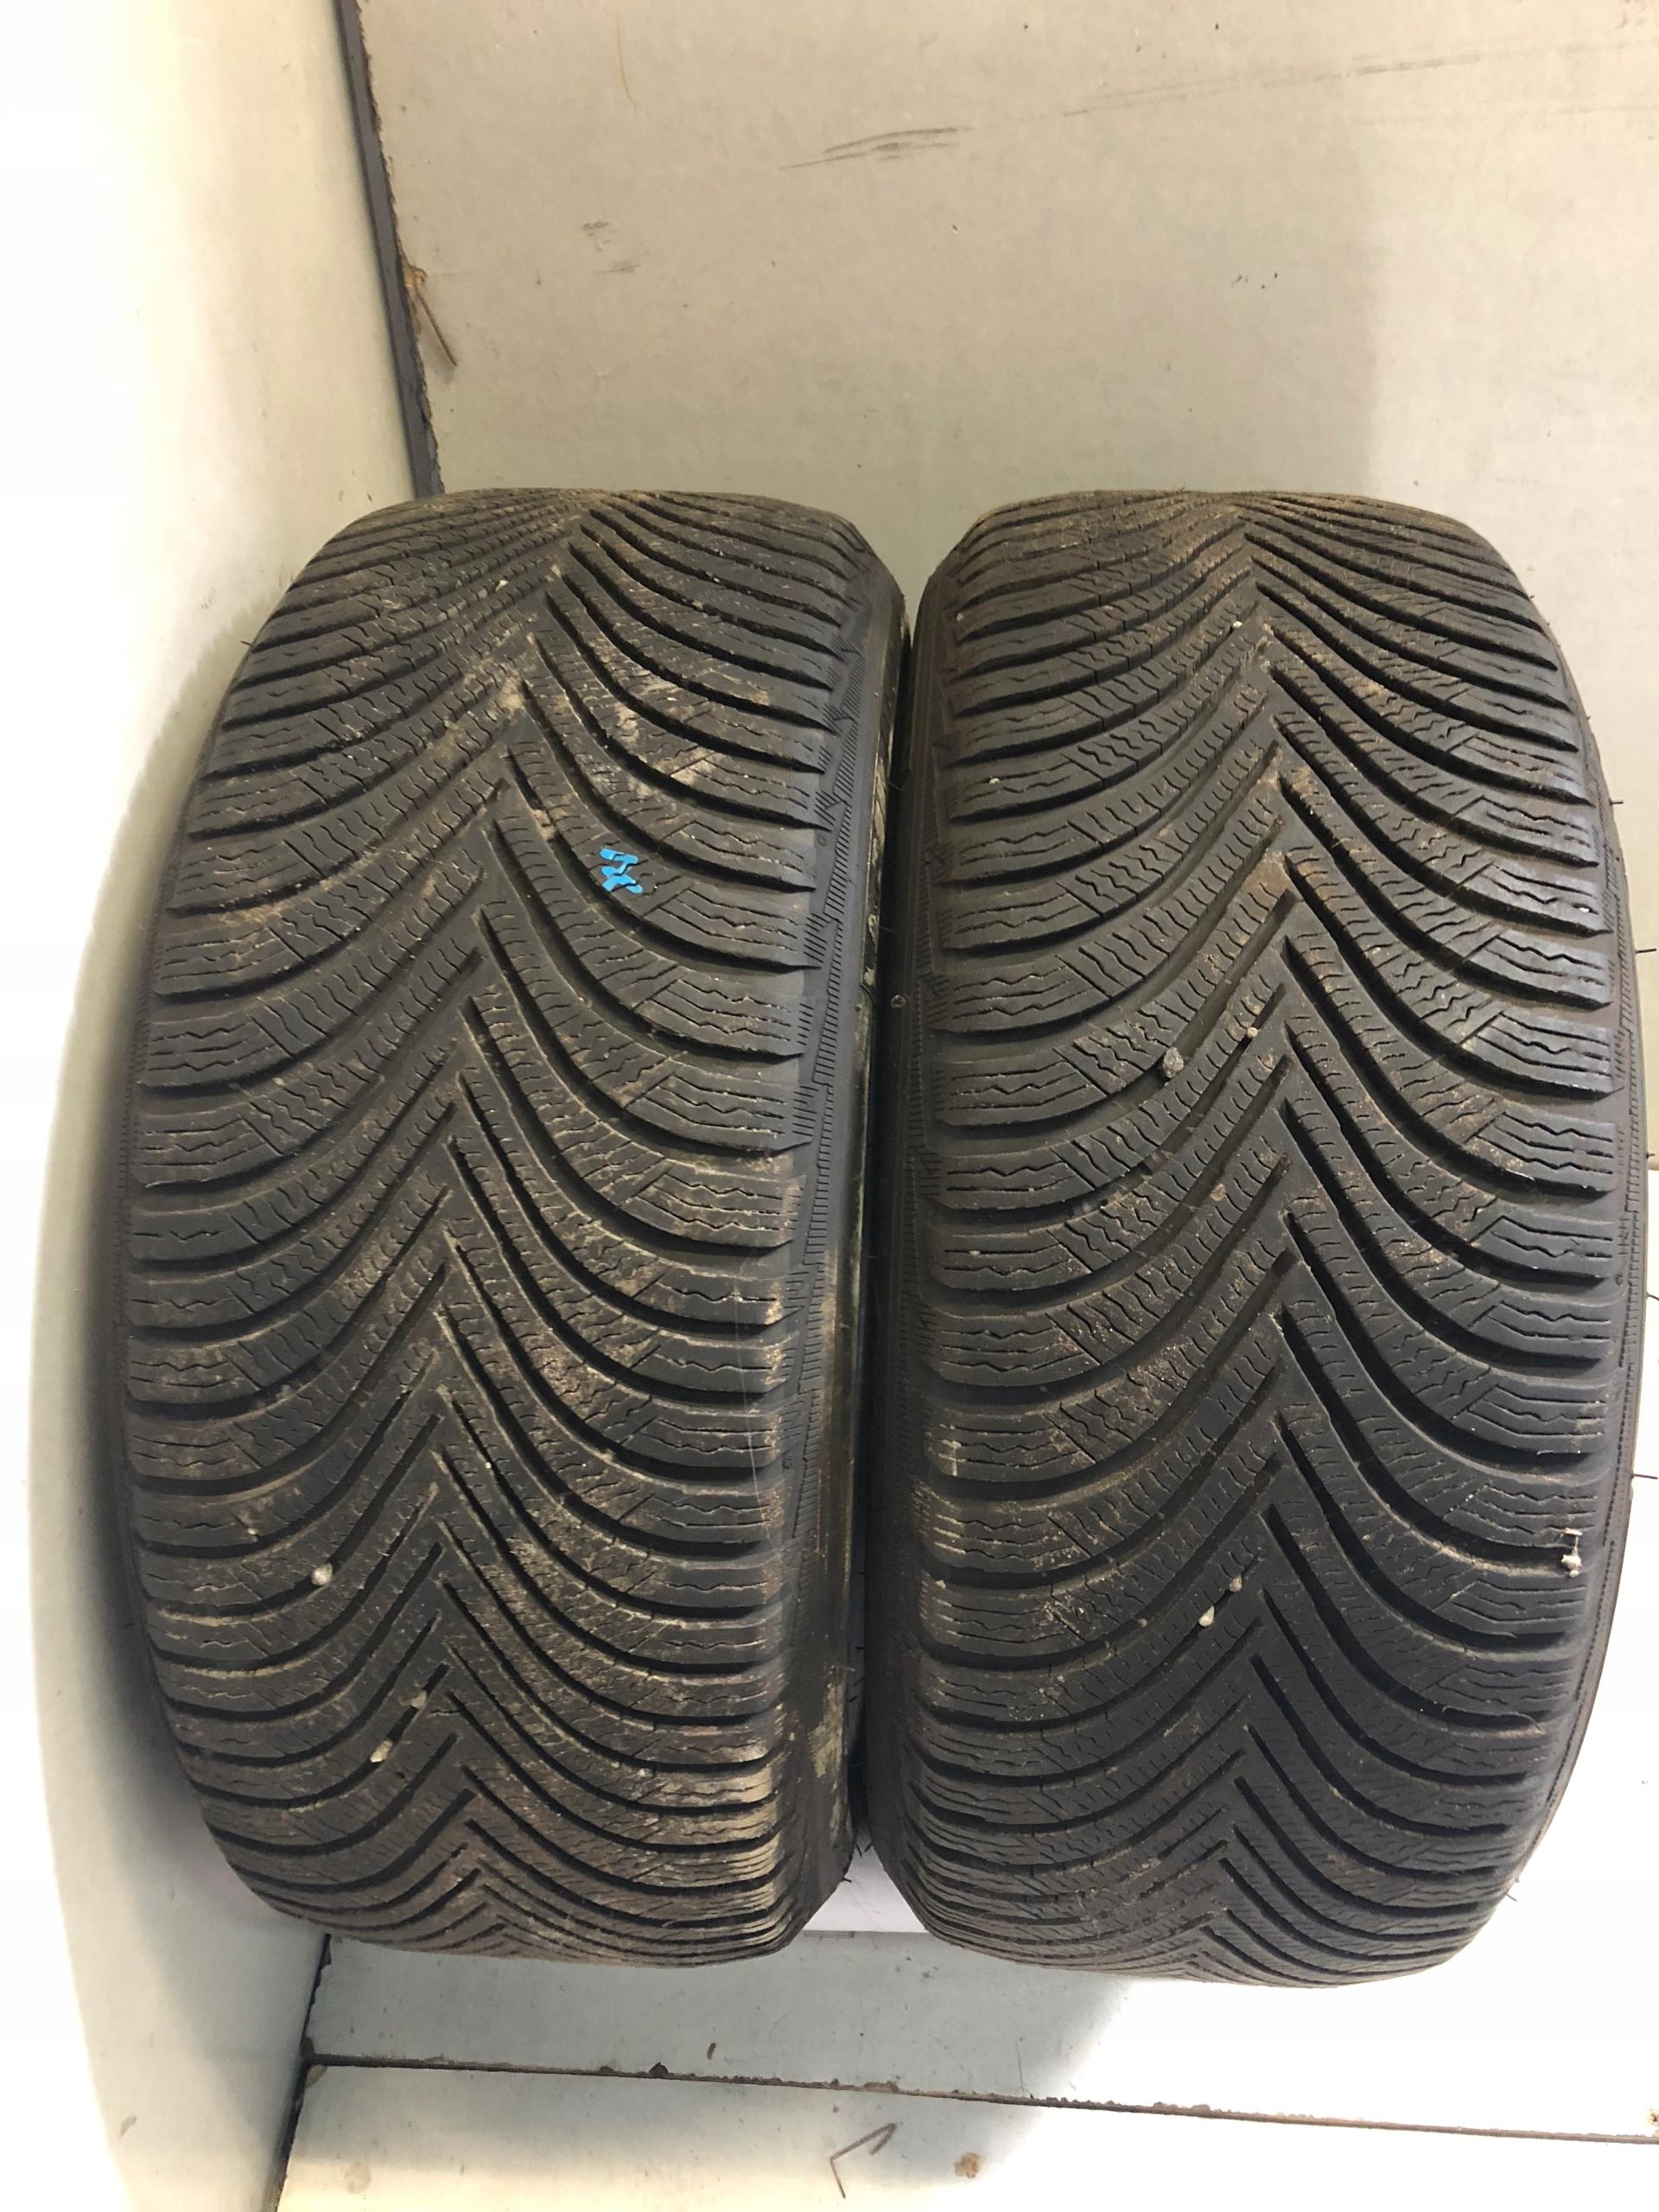 2 Opony Zimowe Michelin Alpin 5 2244517 7mm 7681102654